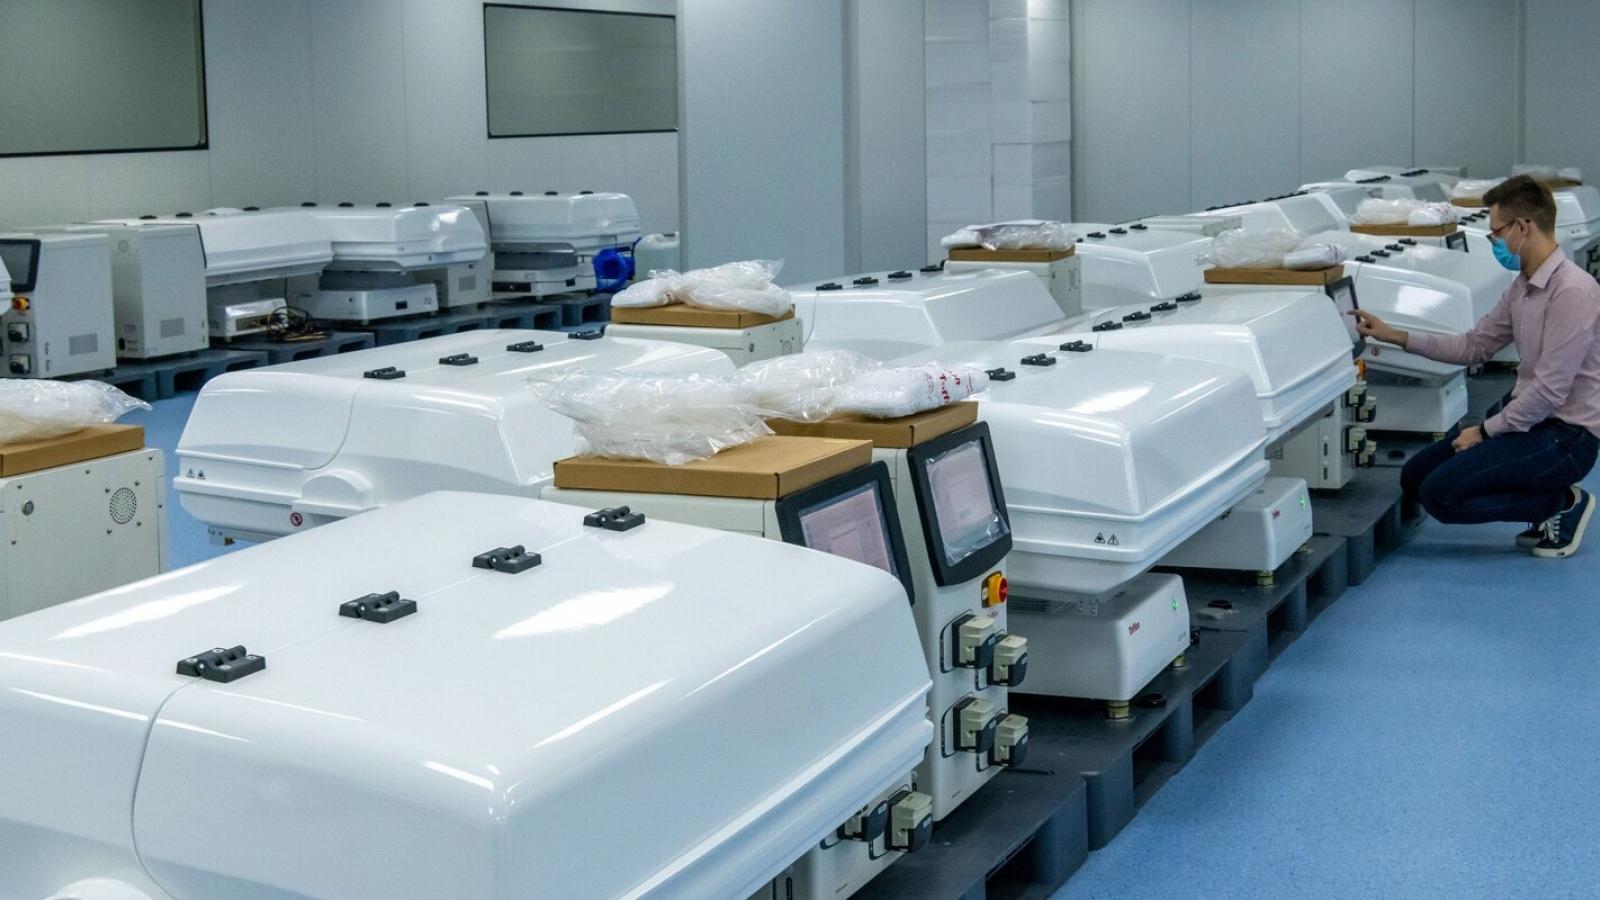 Nga sẽ khai trương nhà máy sản xuất vaccine công suất 10 triệu liều/tháng